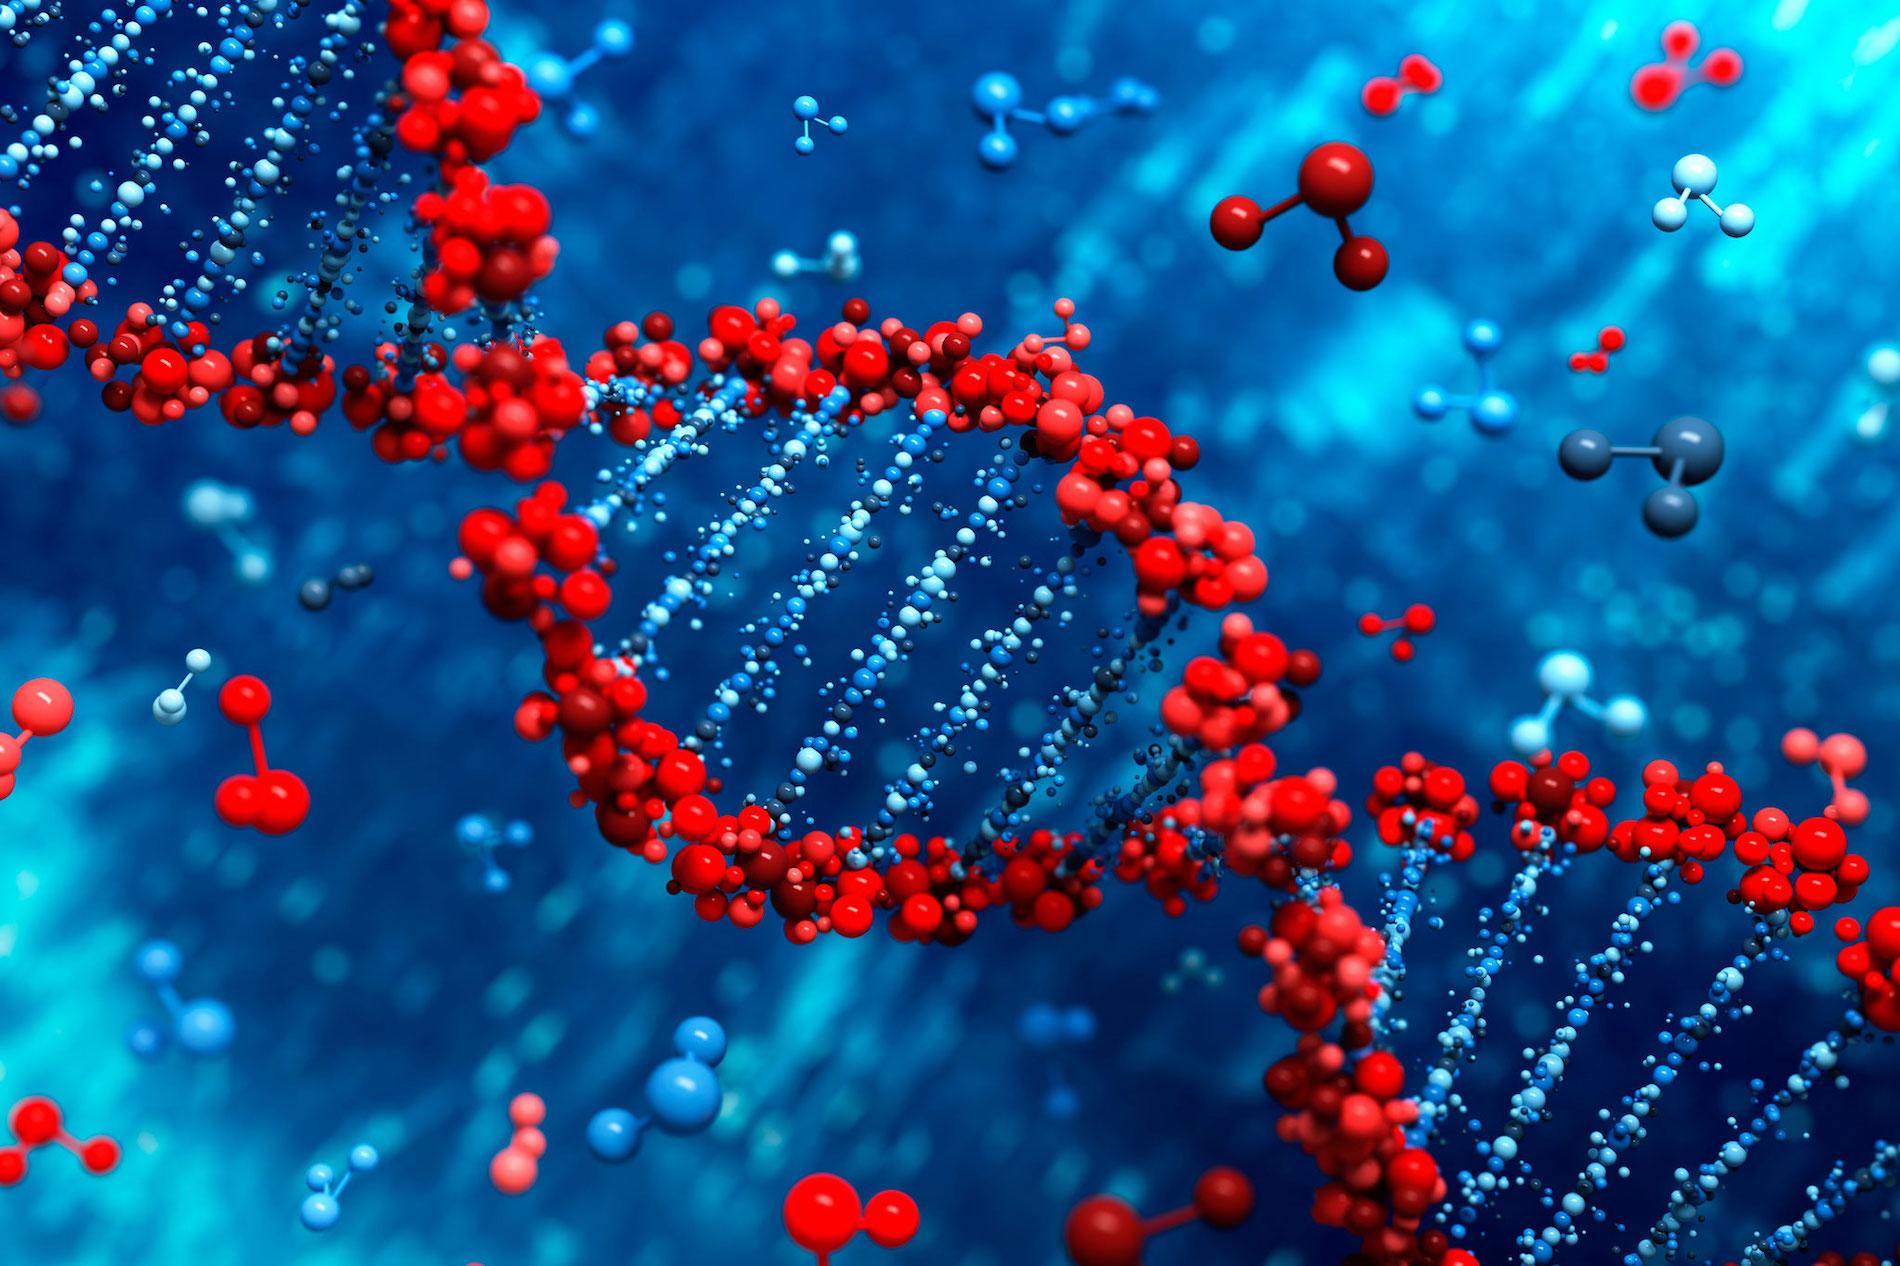 imagen de Un estudio del CSIC buscará las causas genéticas de las diversas reacciones inmunitarias a Covid-19. / Pixabay